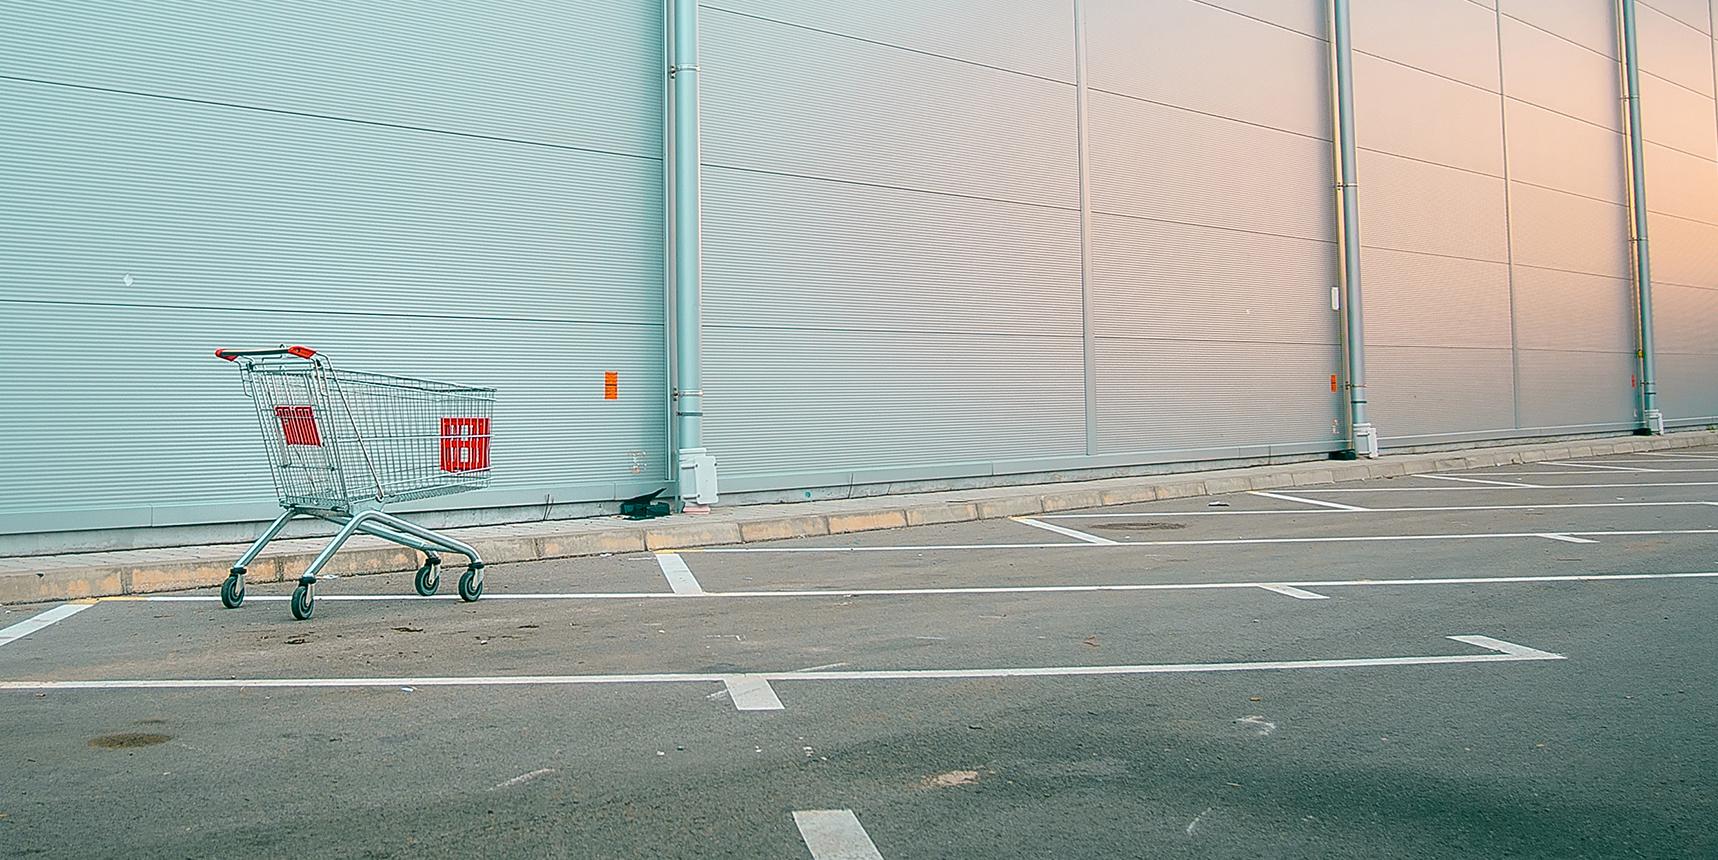 La recuperación de carritos abandonados aumenta tus ventas